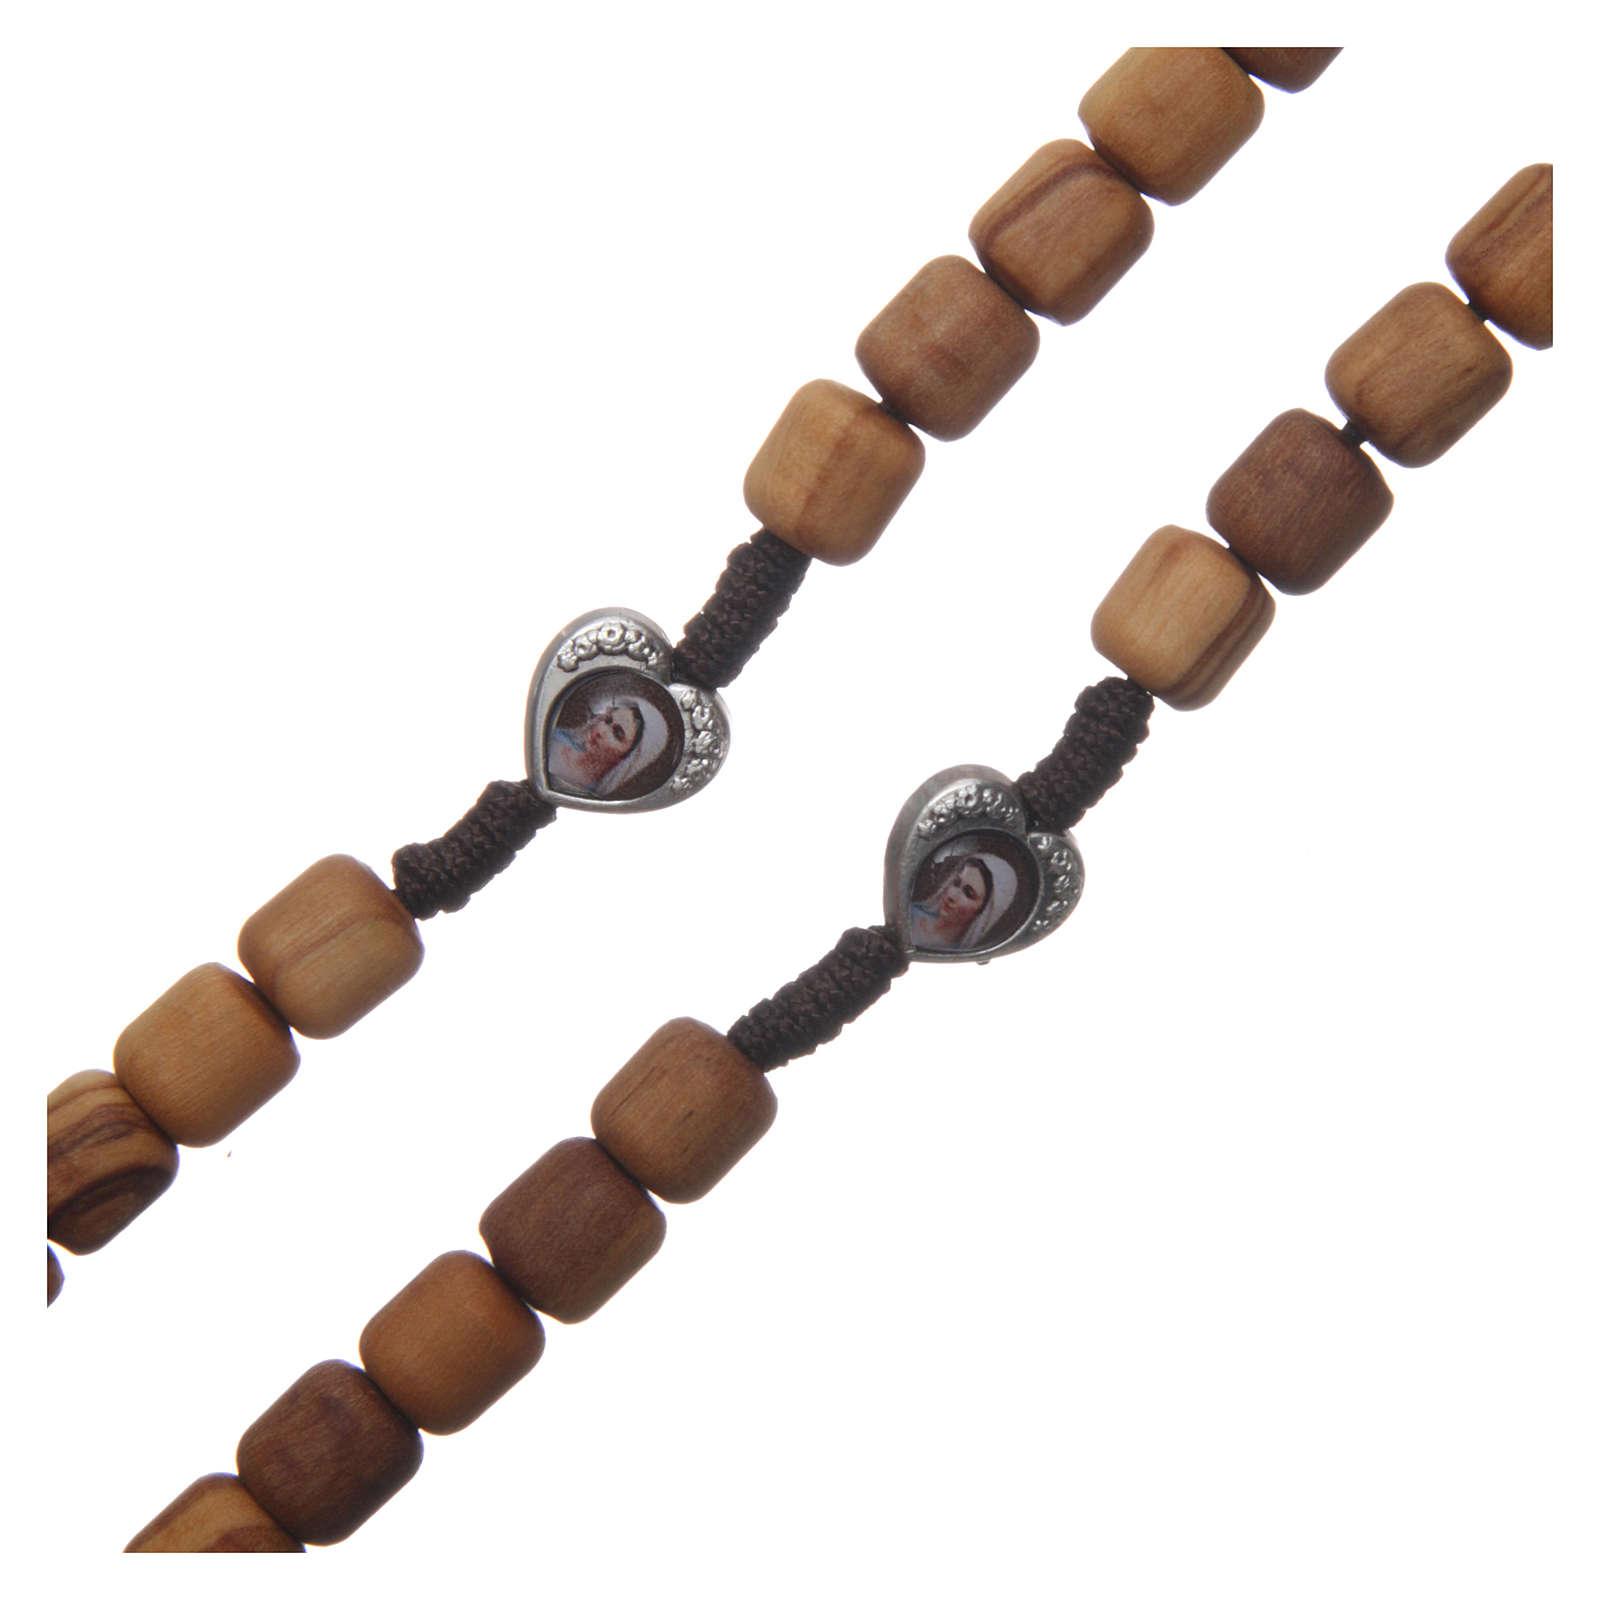 Różaniec Medjugorje serca koraliki drewno oliwne sznurek brązowy 4